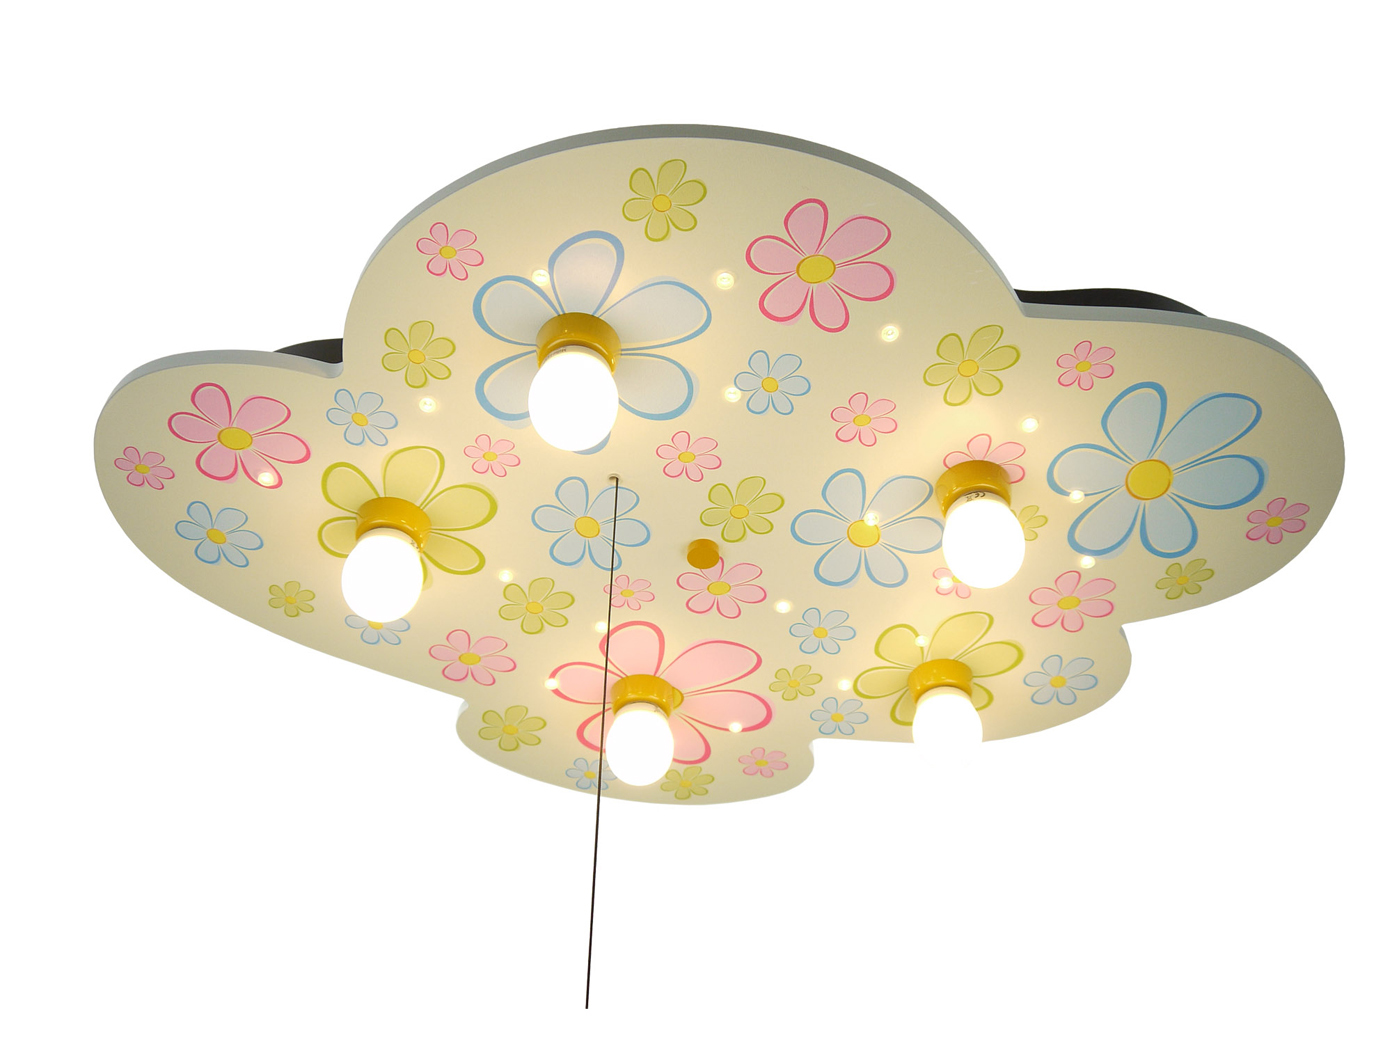 Deckenlampe Mit Zugschalter ~ Kinder deckenleuchte wolkenlampe mit zugschalter für led